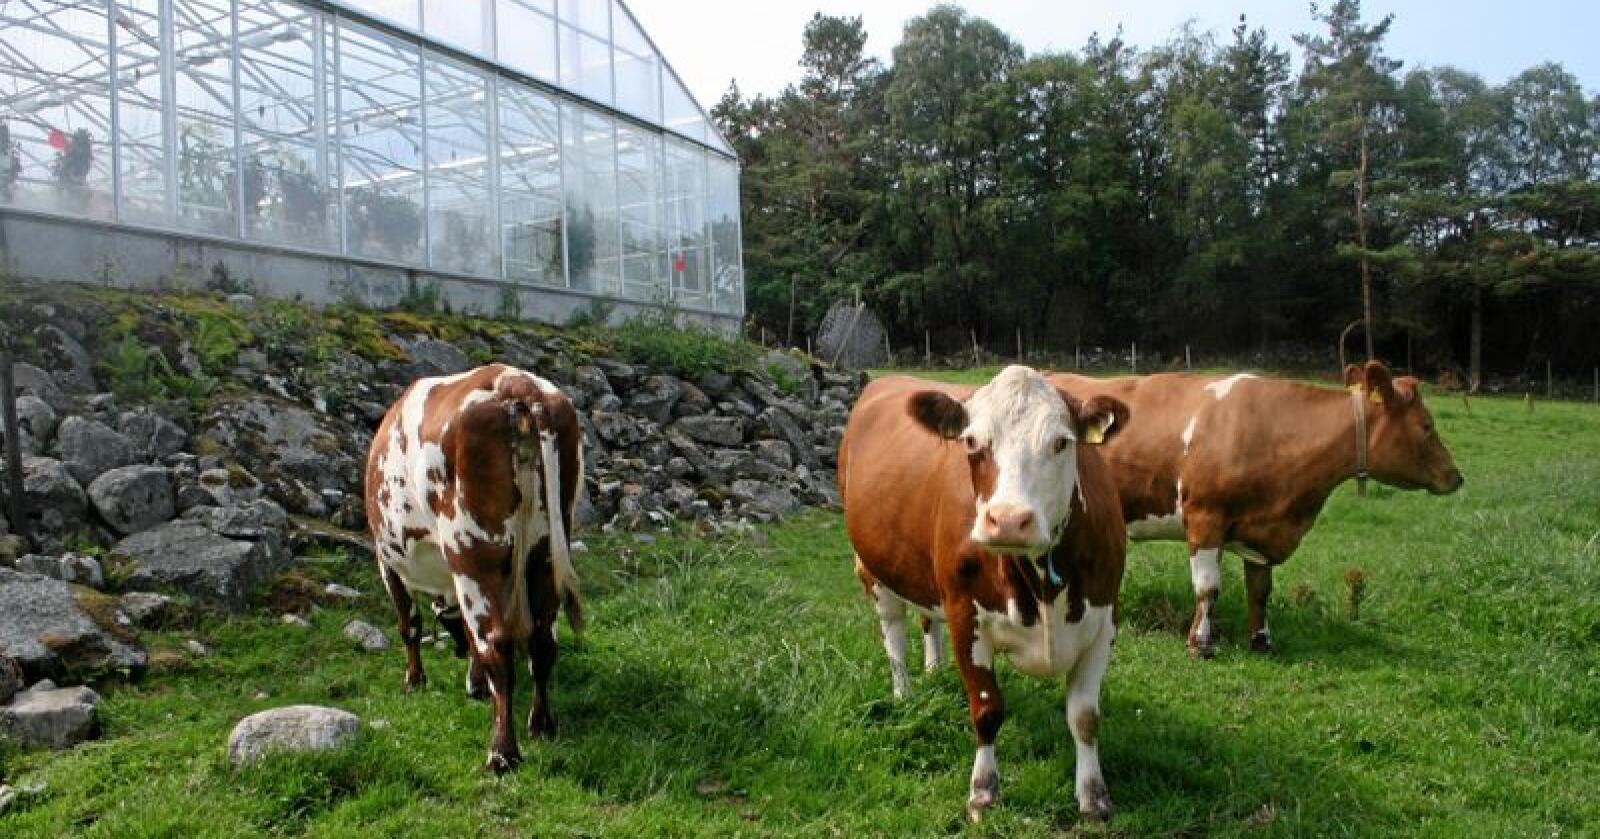 Klimatiltak: Regjeringa vil ha kutt på fem millionar tonn CO2 frå jordbruket og skisserer blant anna ein kraftig nedgang i talet på ammekyr. Her frå Randøy i Ryfylke. Foto: Bjarne Bekkeheien Aase